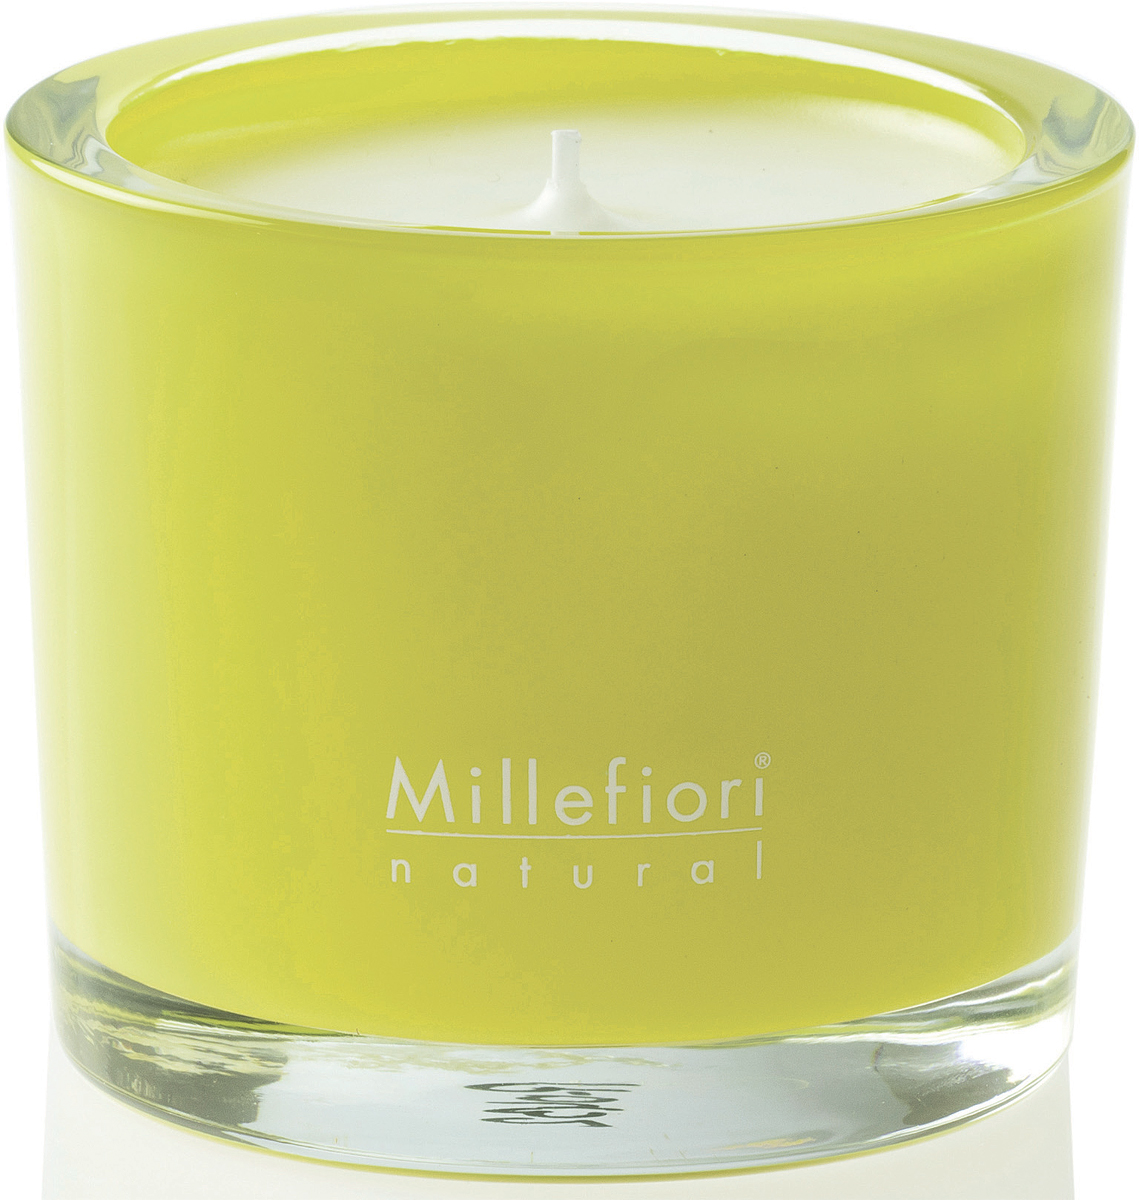 Игривые и завораживающие цветные ароматические свечи, заключенные в матовое стекло.Пусть они вызывают приятное настроение в любое время, когда вы их зажигаете, и деликатно украшают ваше пространство, воплощая в жизнь аромат восхитительного момента и стиля.Бодрящая цитрусовая комбинация зеленого лимона, бергамота и листьев вербены.Верхние ноты: лайм, бергамот, листья вербены.Средние ноты: розмарин, пион.Базовые ноты: цветы лотоса.Вес: 180 г.